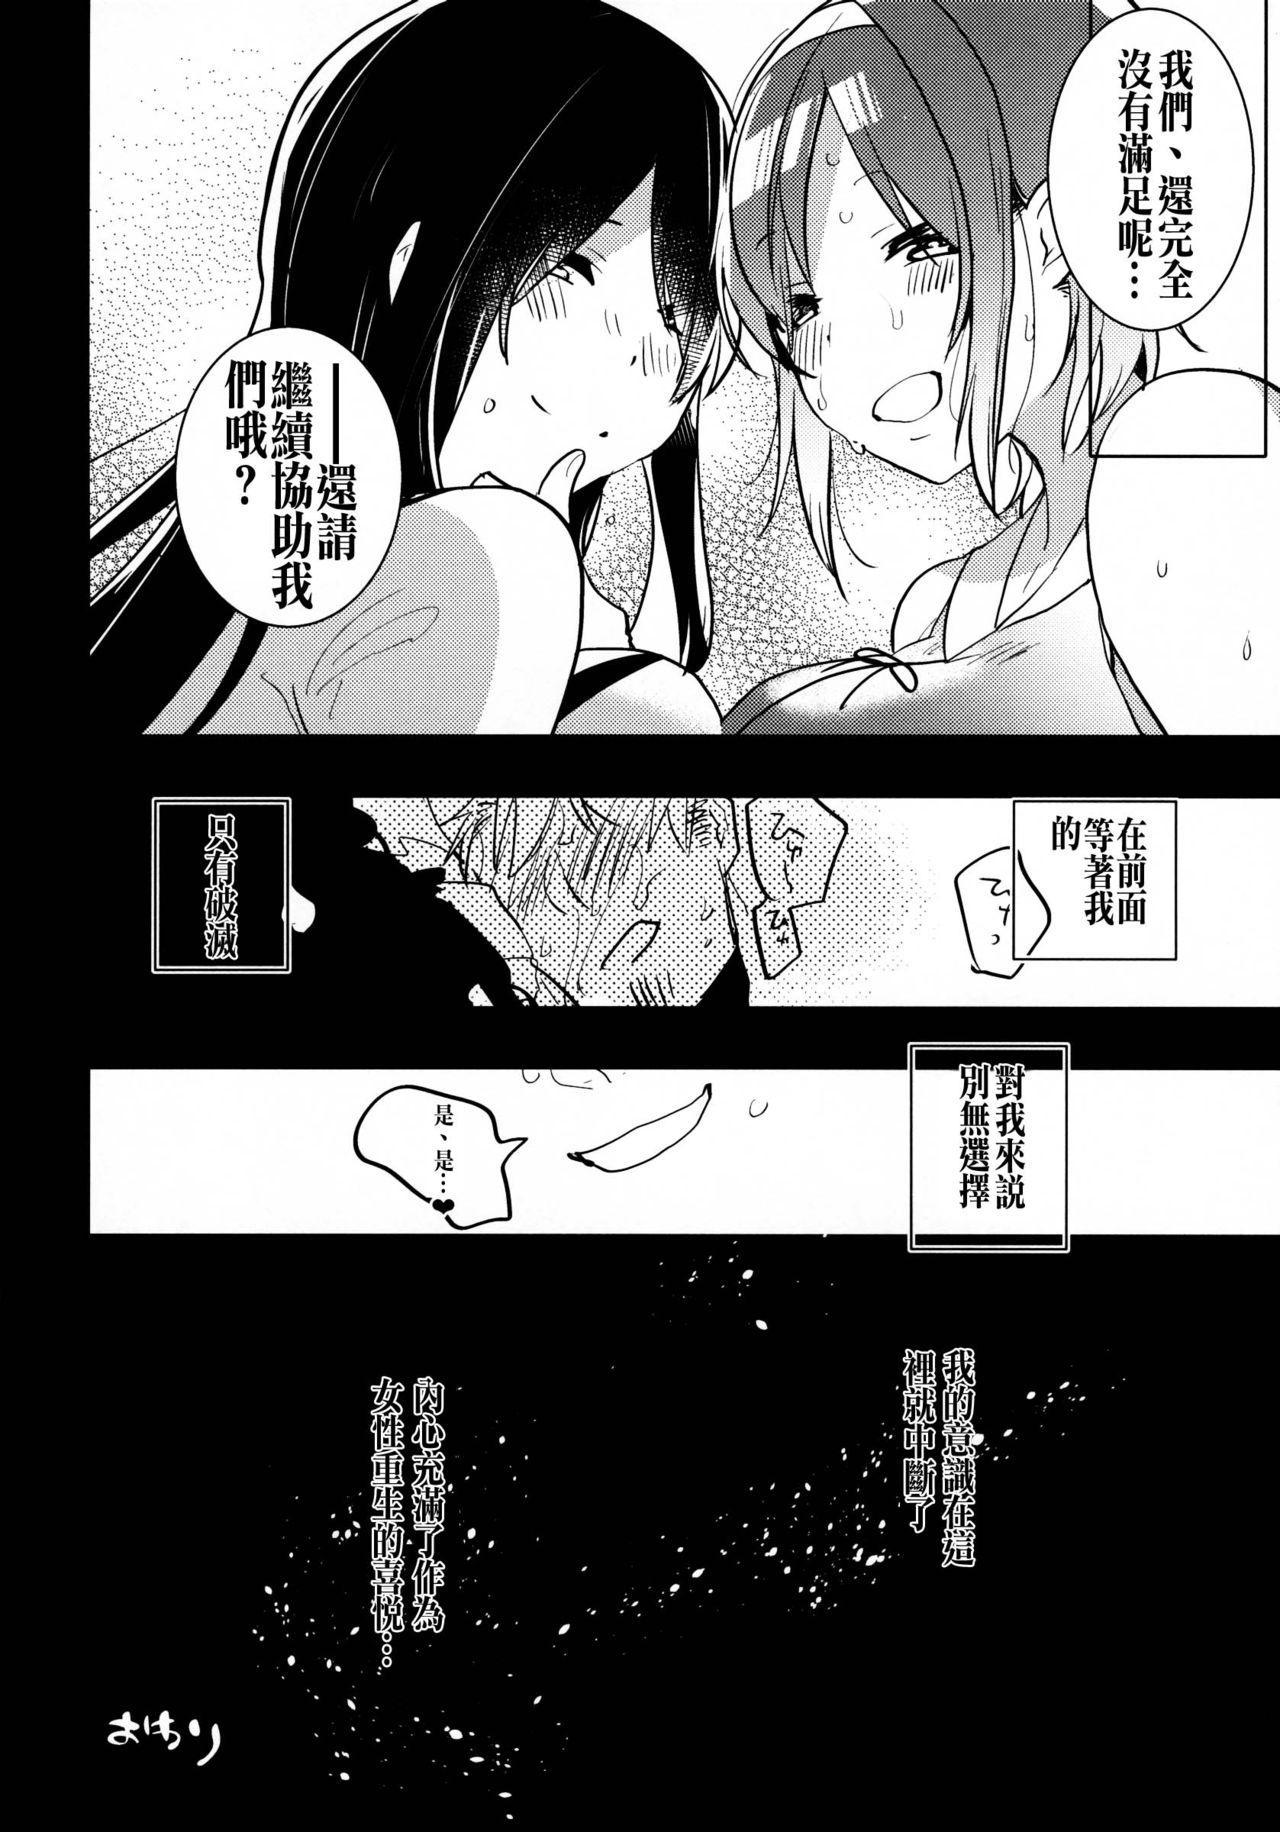 Futanari Musume ga Kuu! 23